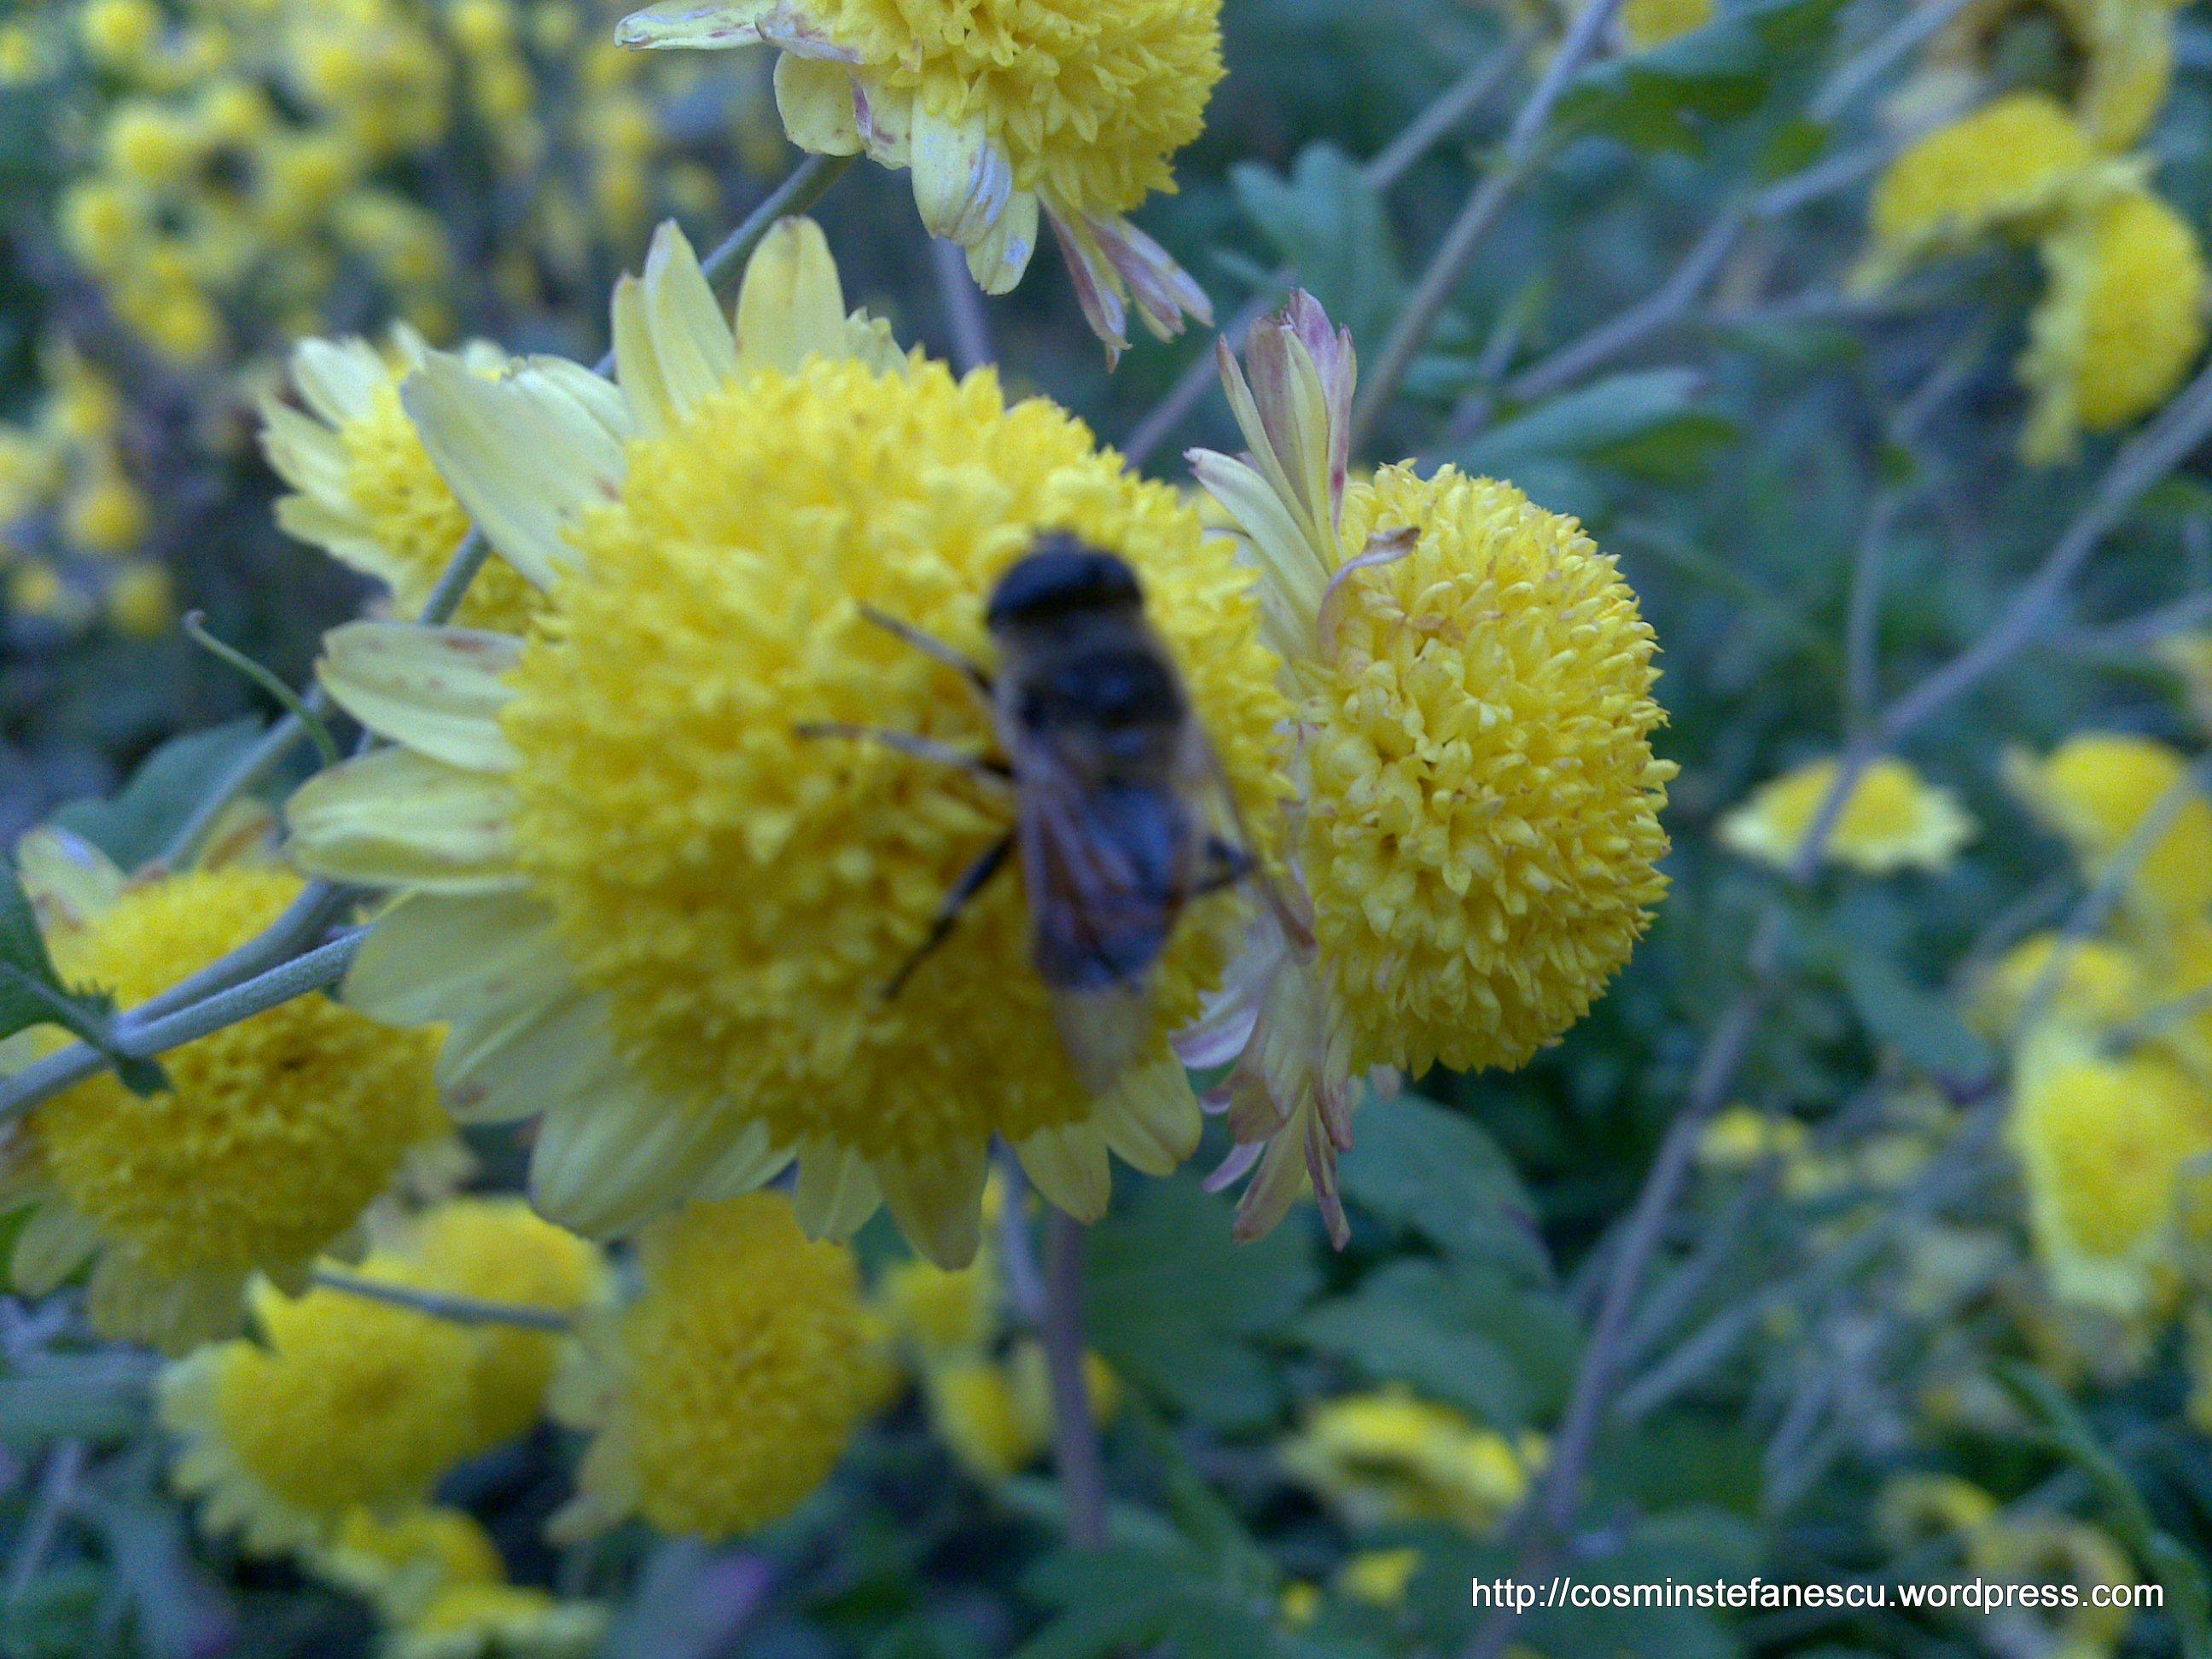 Flori galbene și un bondar (bombus terestris)